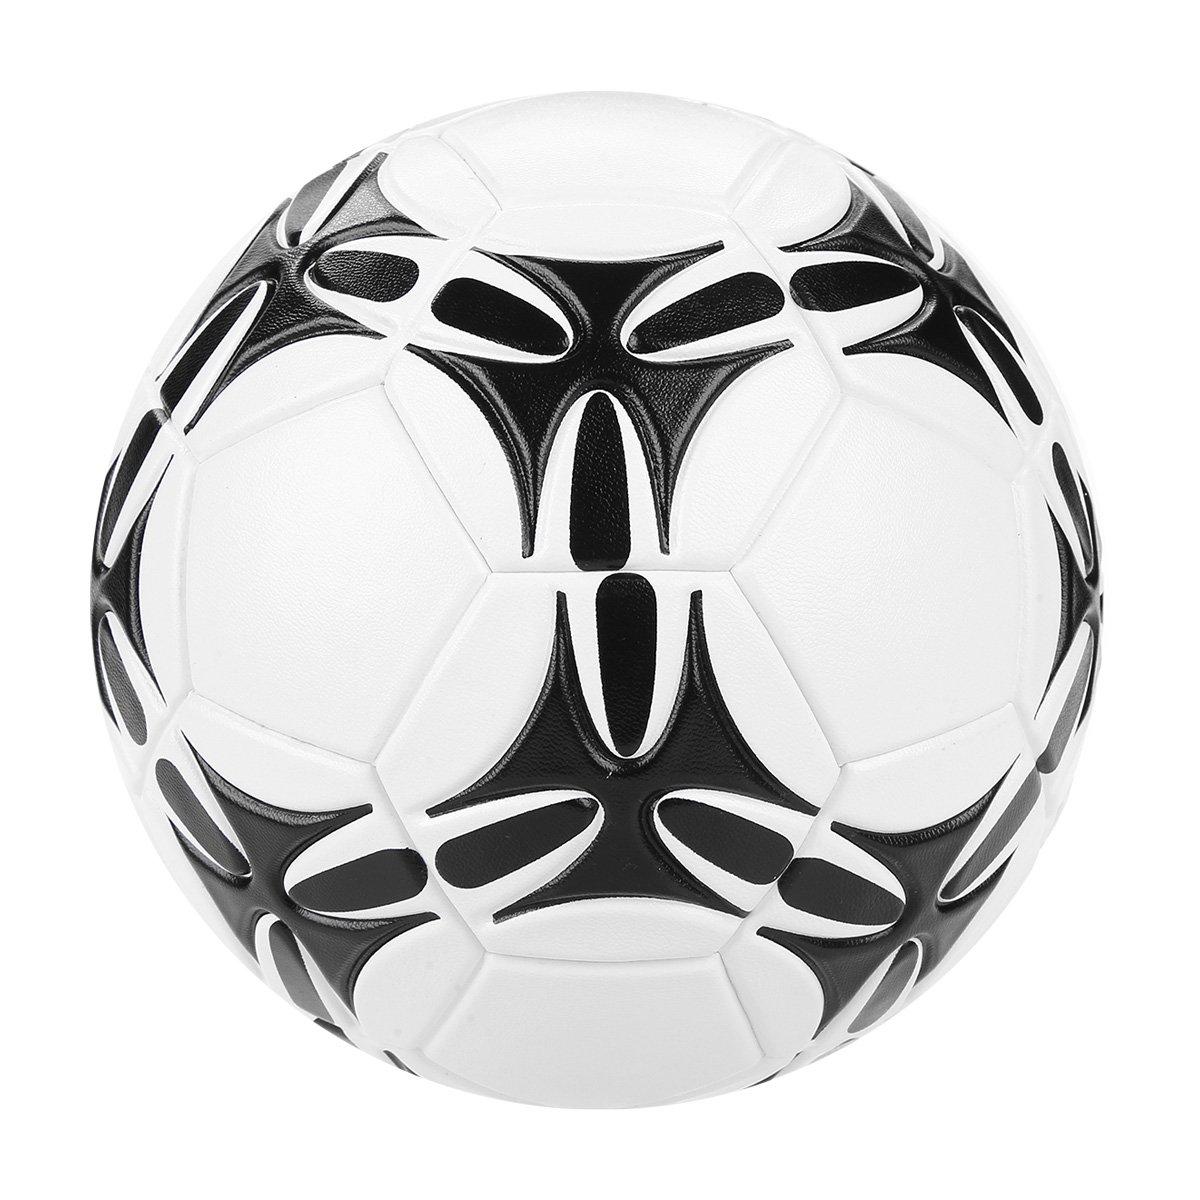 Bola de Futevolei Penalty Pro VIII - Branco e Preto - Compre Agora ... 5c53878de518e